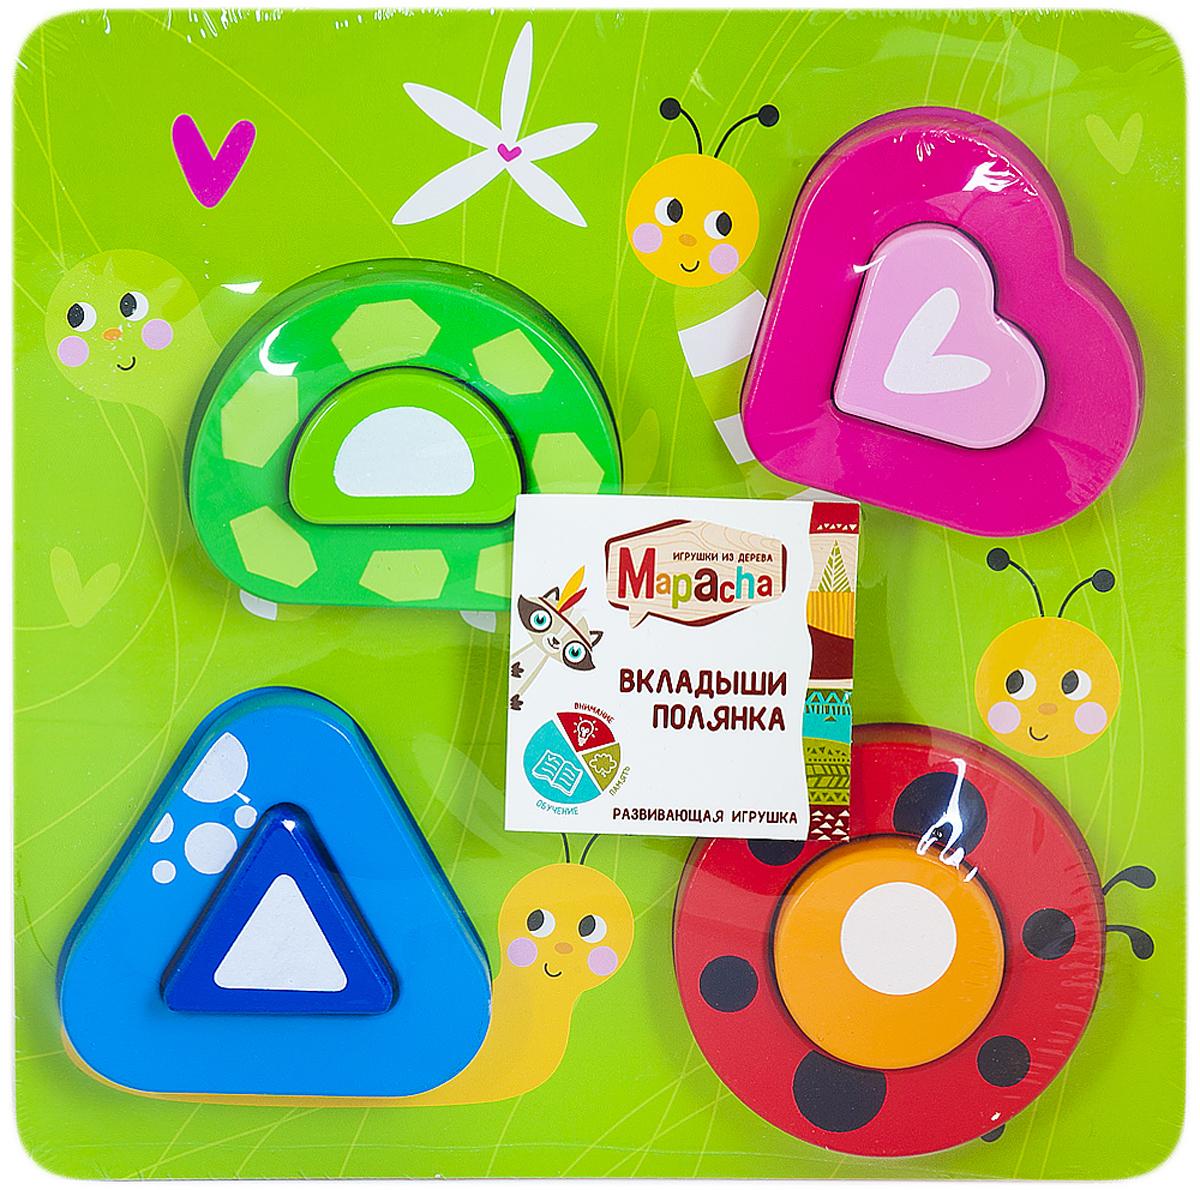 Mapacha Пазл для малышей Вкладыши Полянка суперпредложение набор грибов домашняя полянка из 5 упаковок